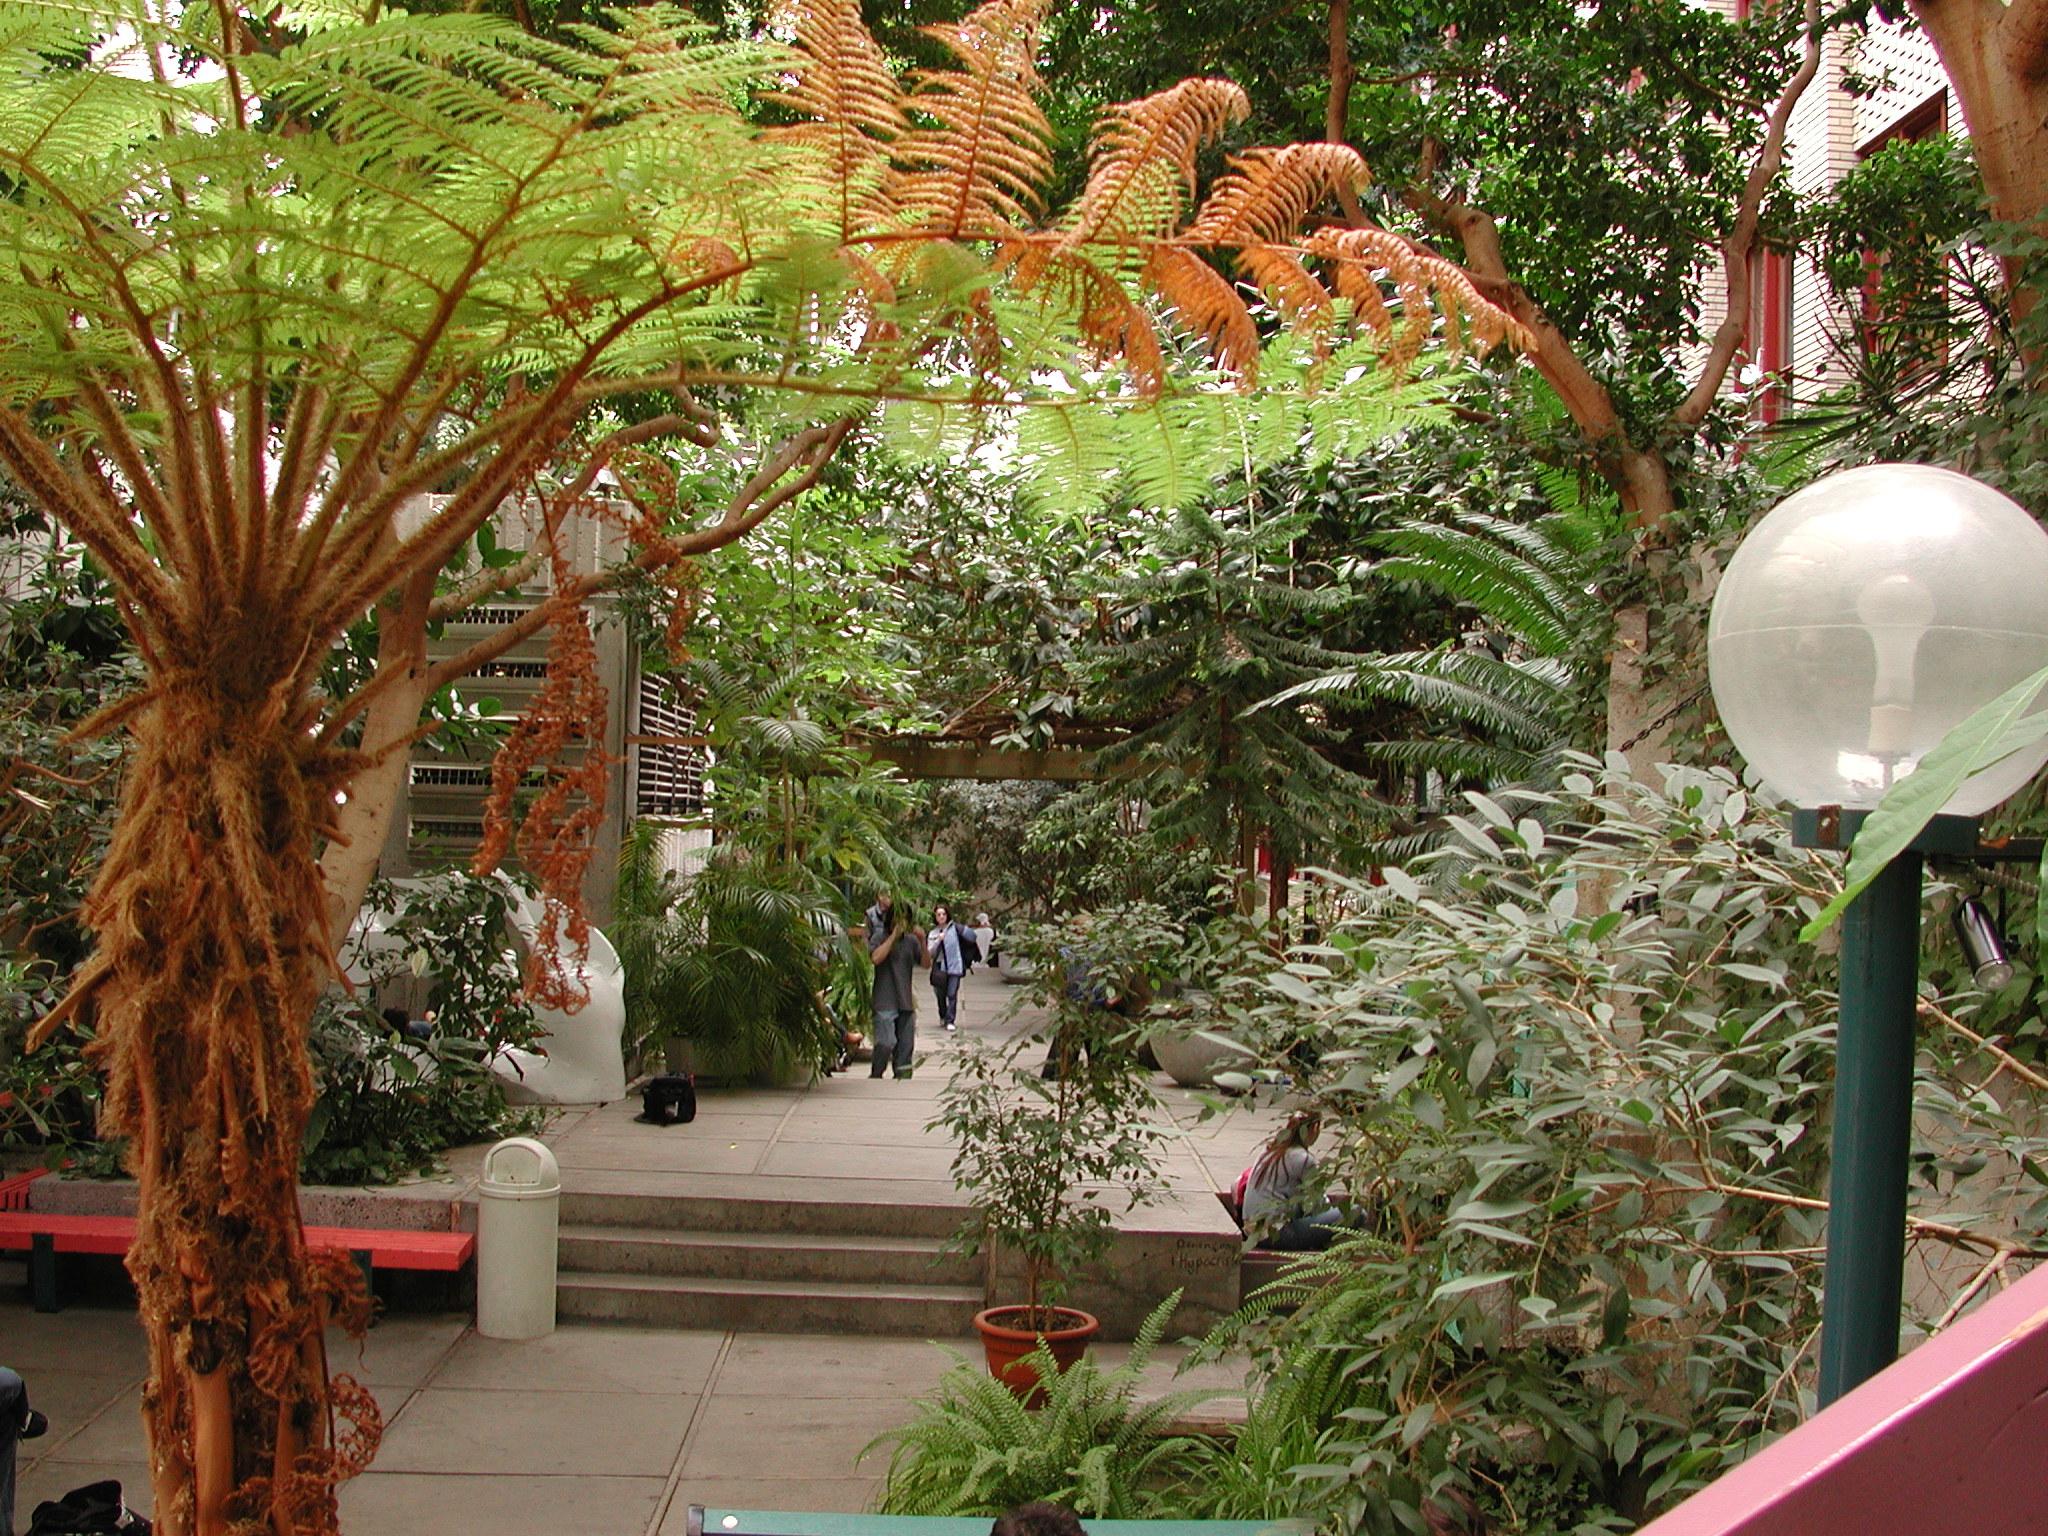 Jardin int rieur salle multifonction en location au - Jardin japonais interieur maison toulon ...